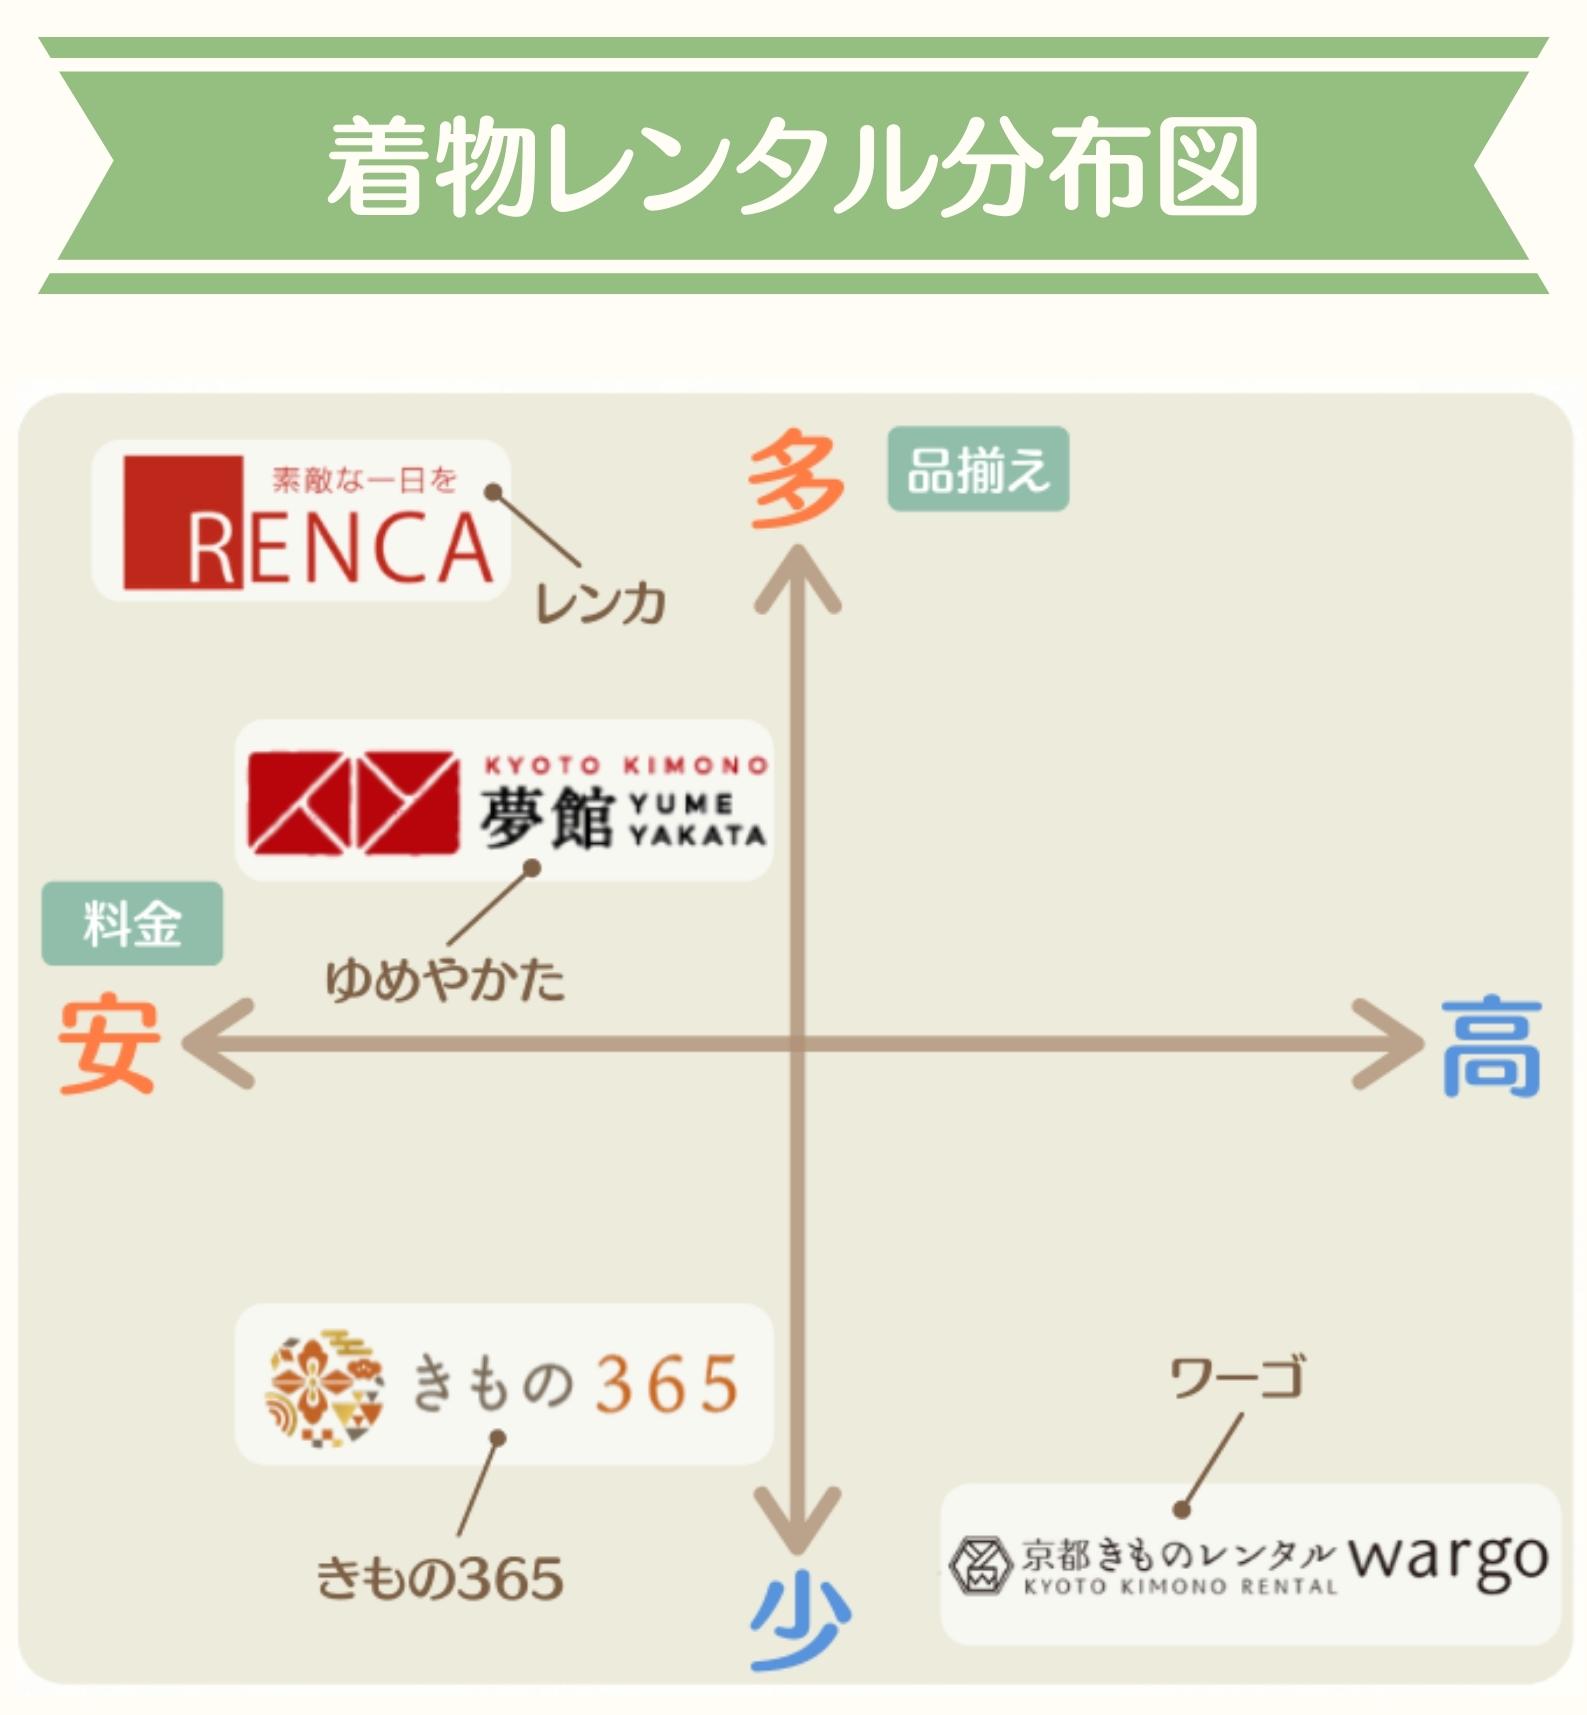 着物レンタル分布図1